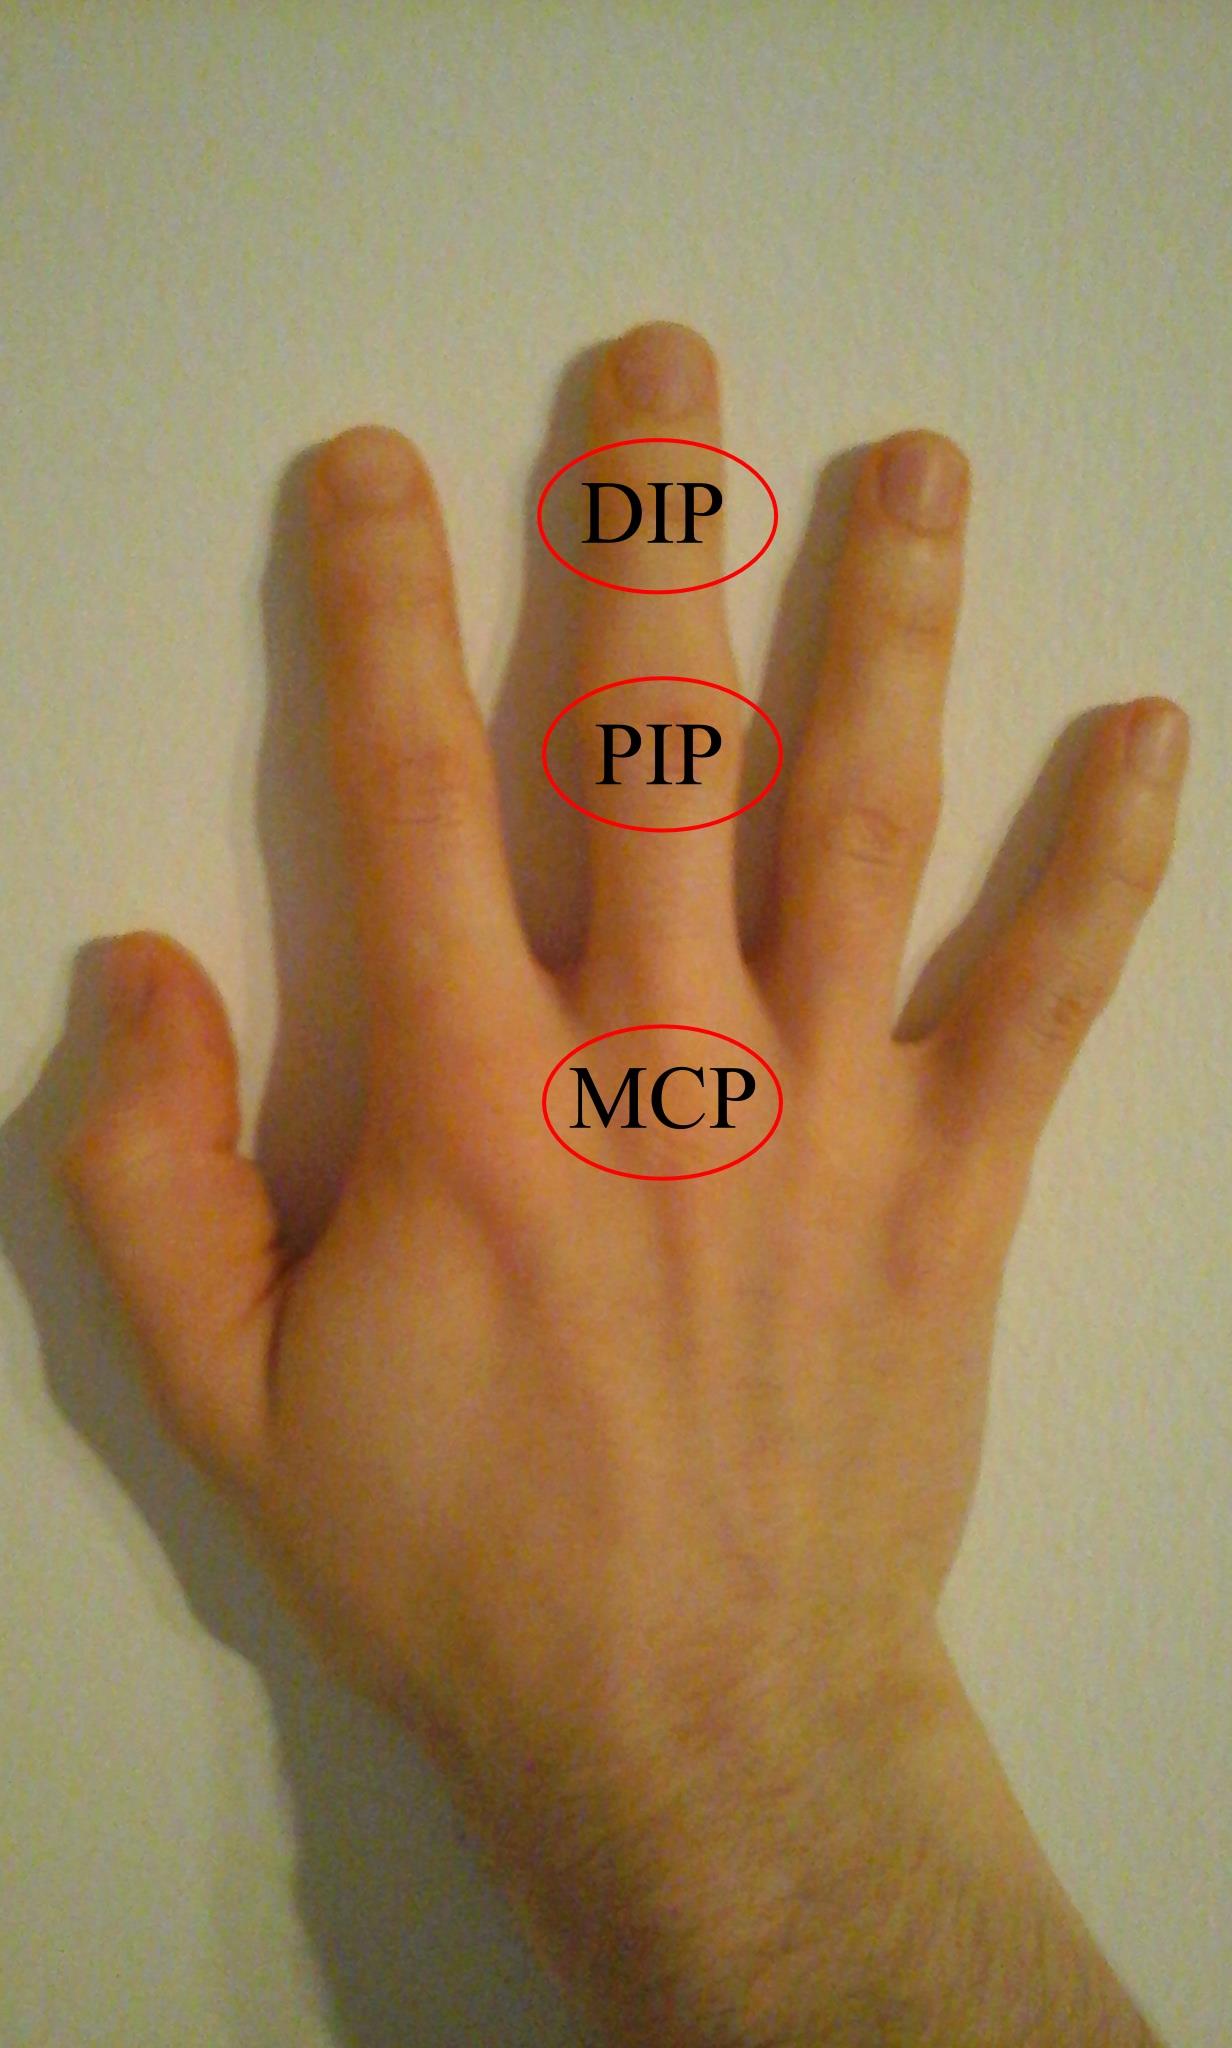 a bal ízület ízületi gyulladása a kezek megfagytak és az ízületek fájnak